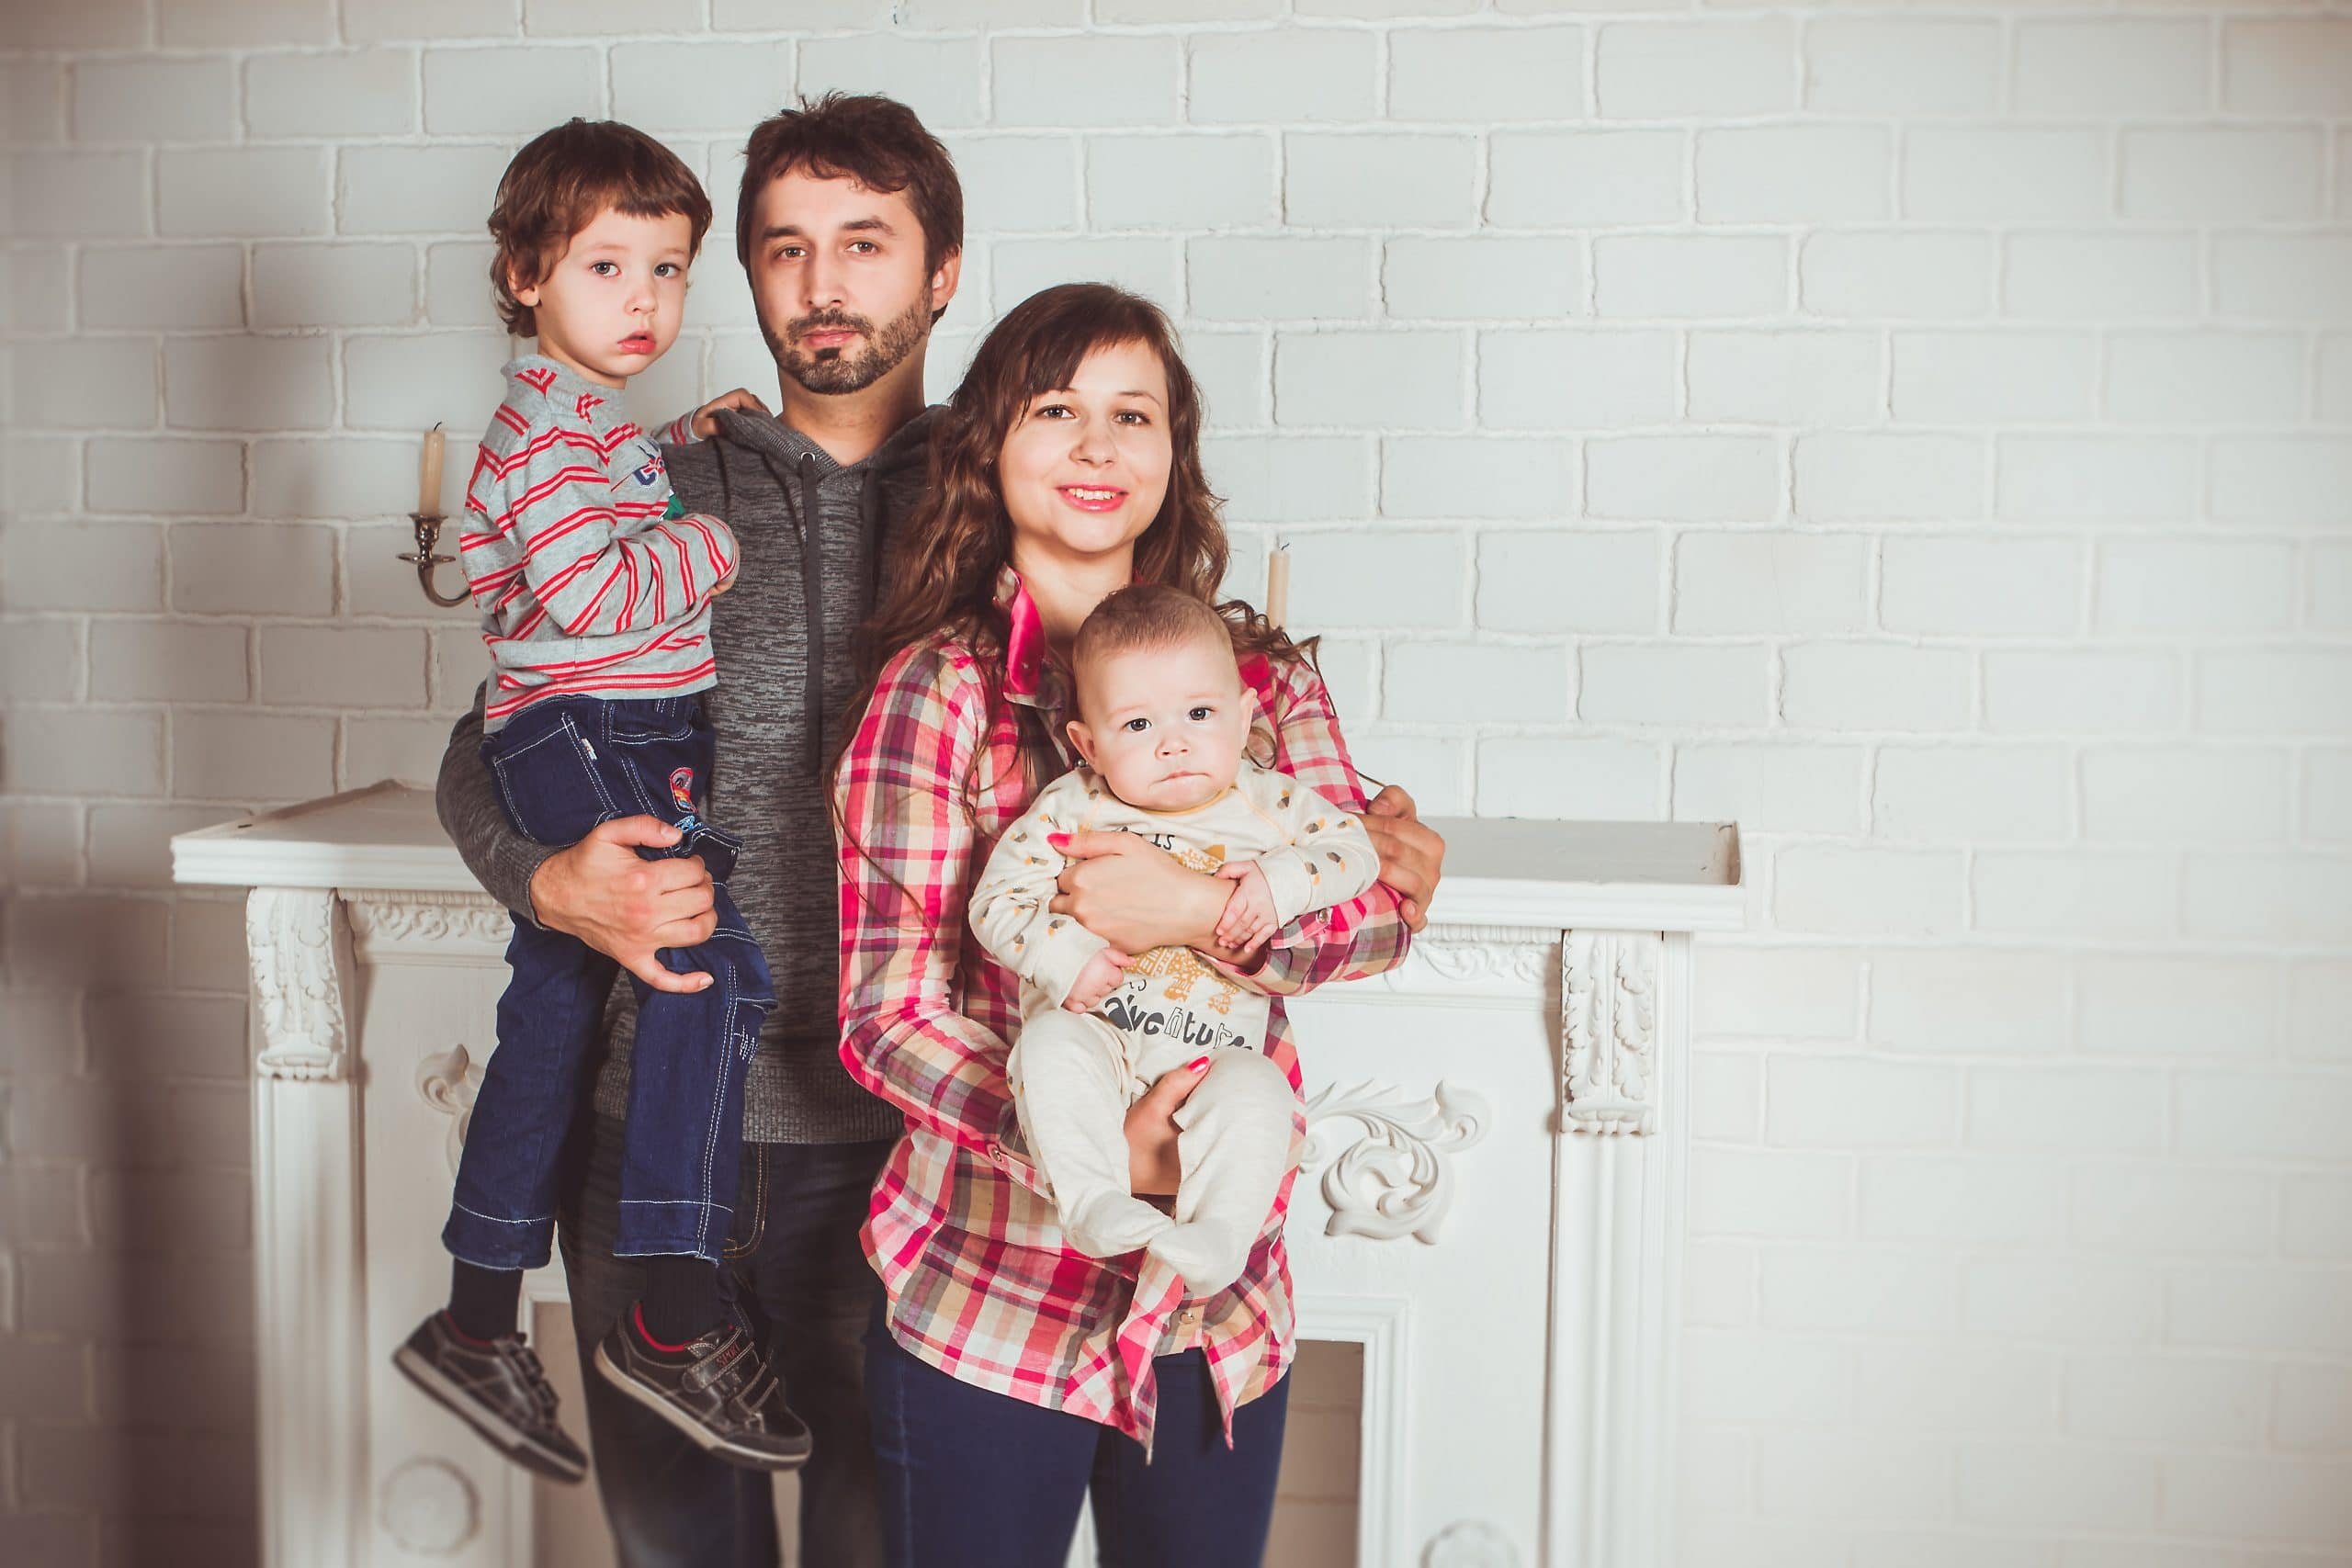 Pai, mãe e dois filhos pequenos.